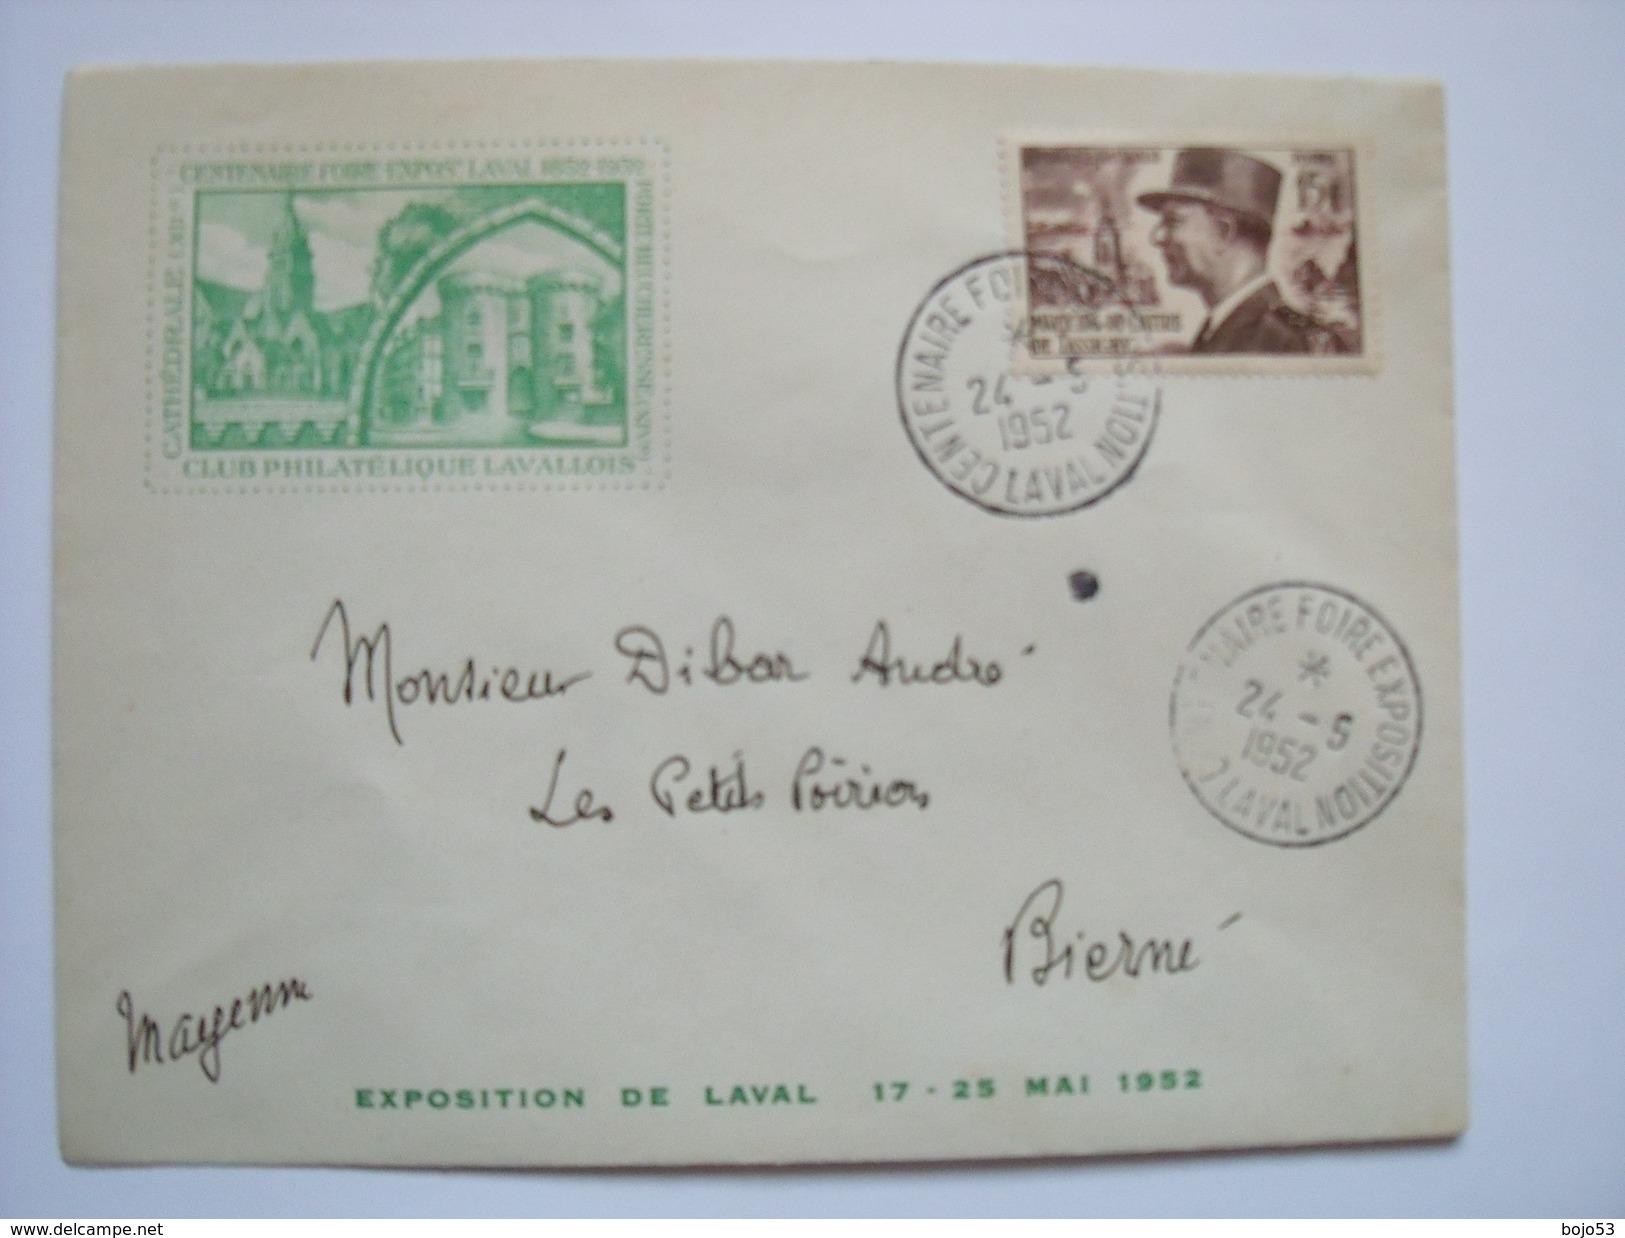 LAVAL - 53 -Centenaire Foire Exposition Du 17 Au 25 Mai 1952 - Oblitération Du 24-5-1952 - Marcophilie (Lettres)